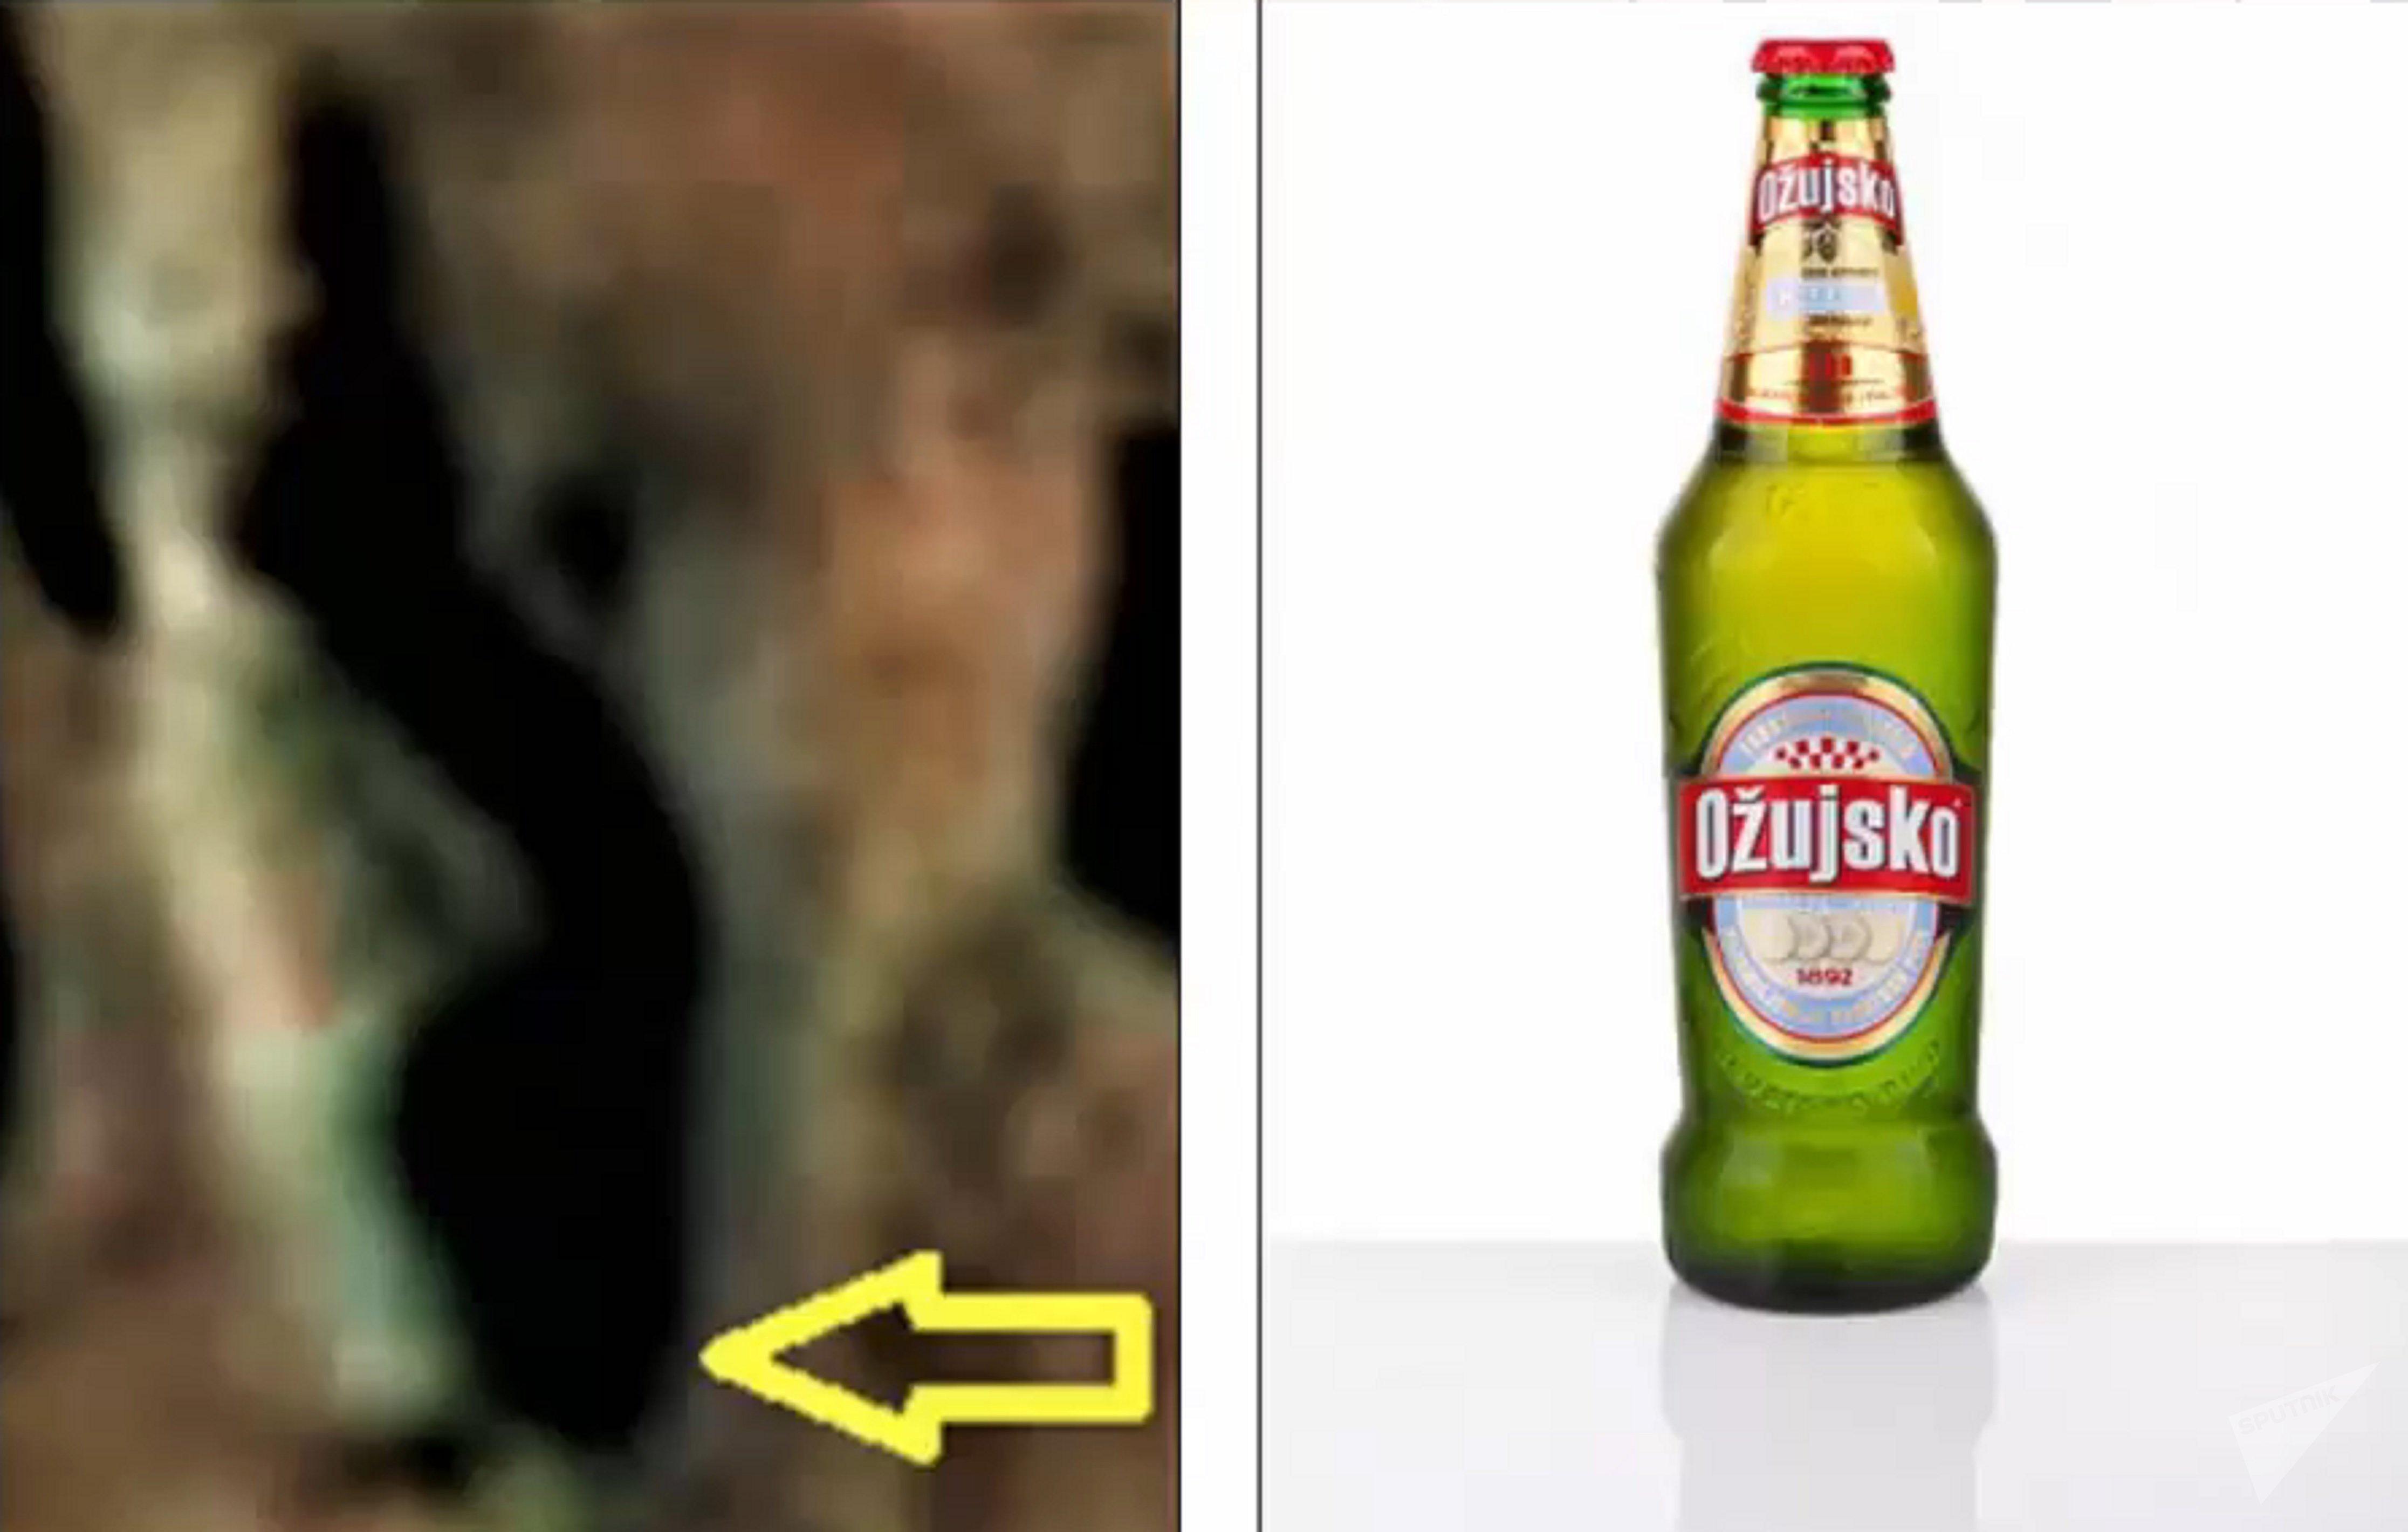 La comparaison du Daily Mail entre une bouteille de bière et bouteille de bière martienne